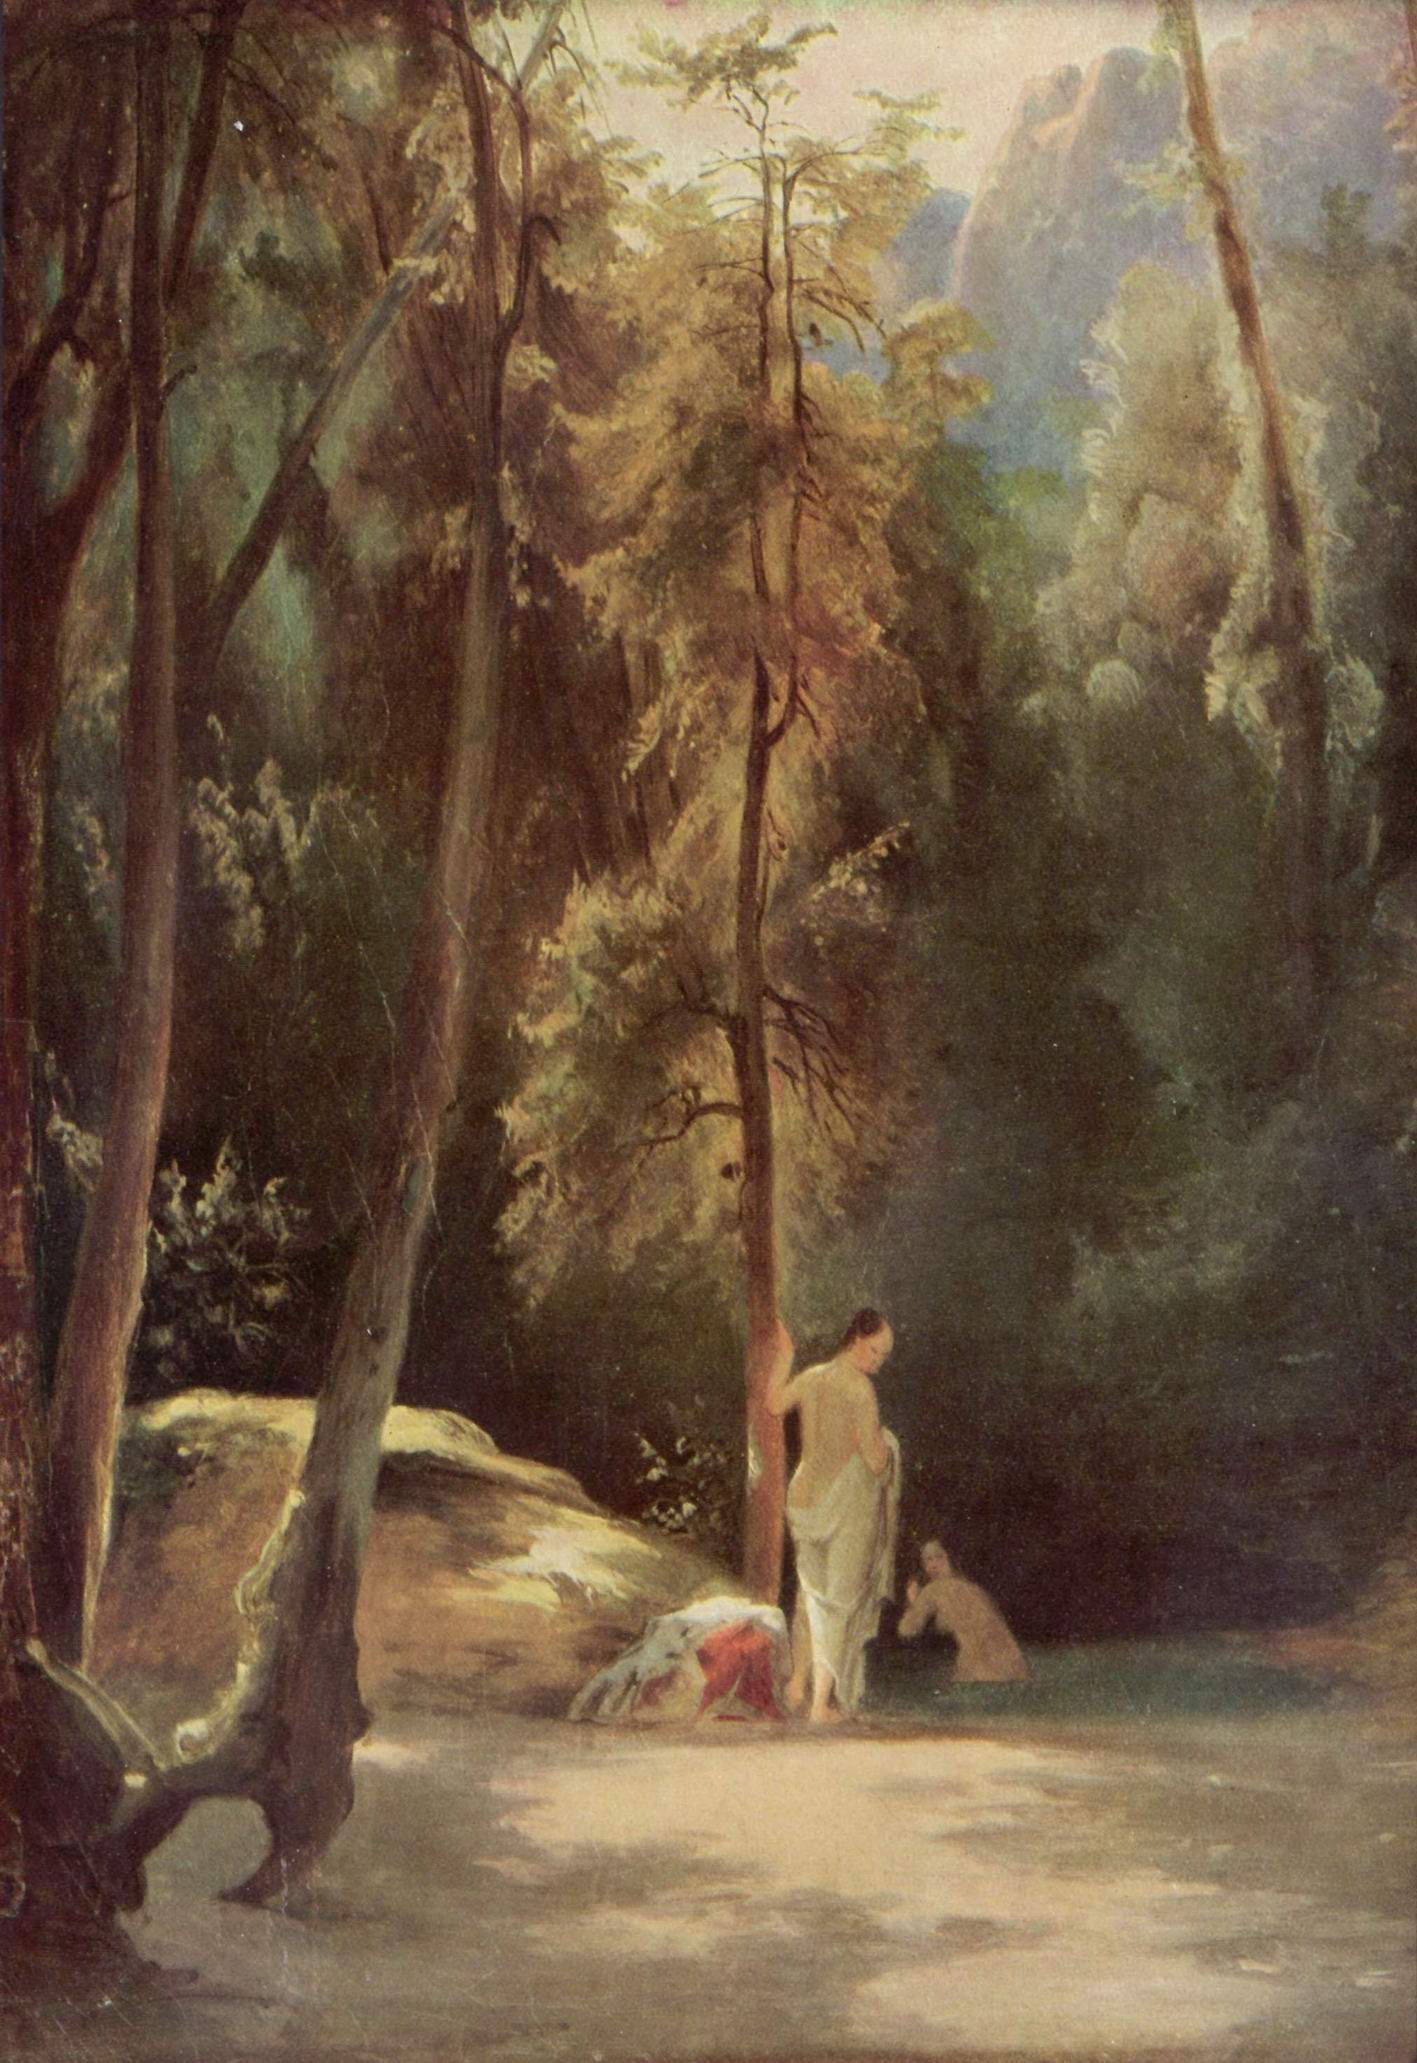 Купальщицы в парке Терни (Купальщицы в лесу), Карл Эдуард Фердинанд Блехен